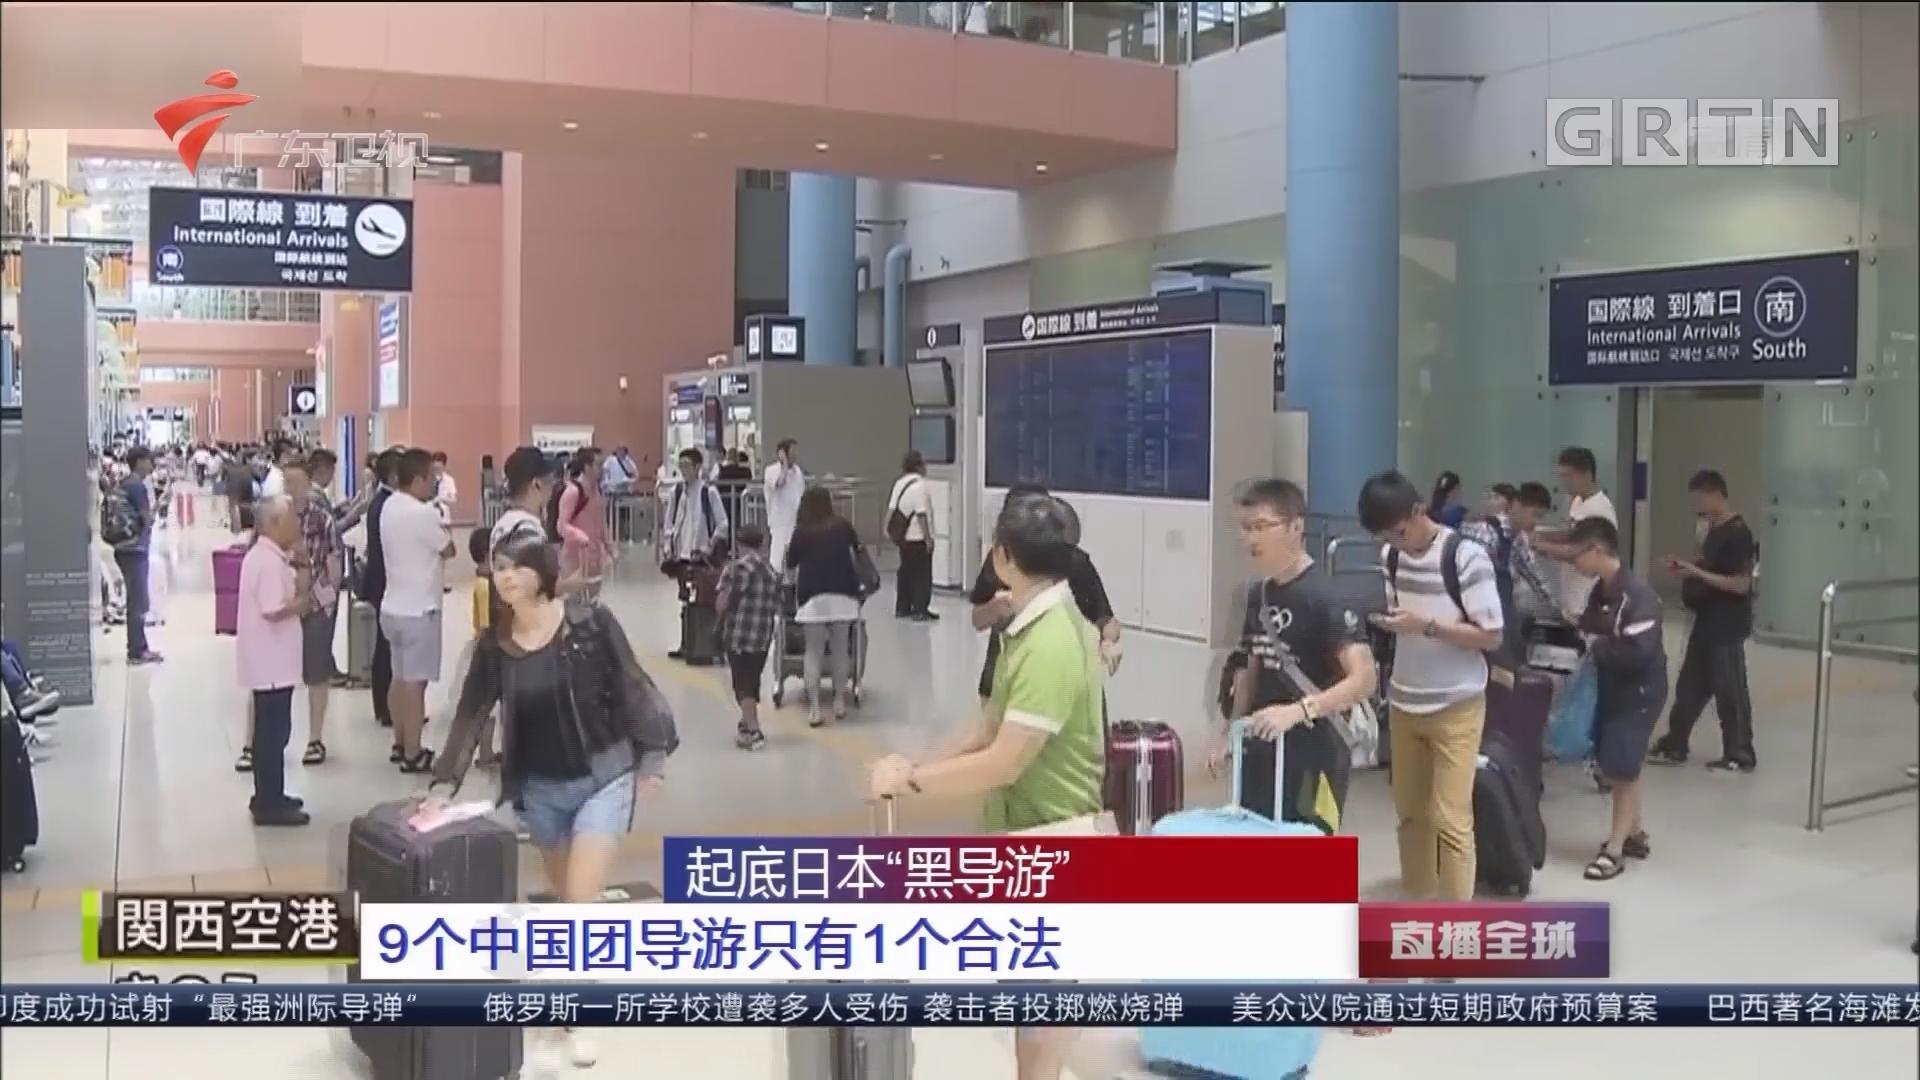 """起底日本""""黑导游"""":9个中国团导游只有1个合法"""